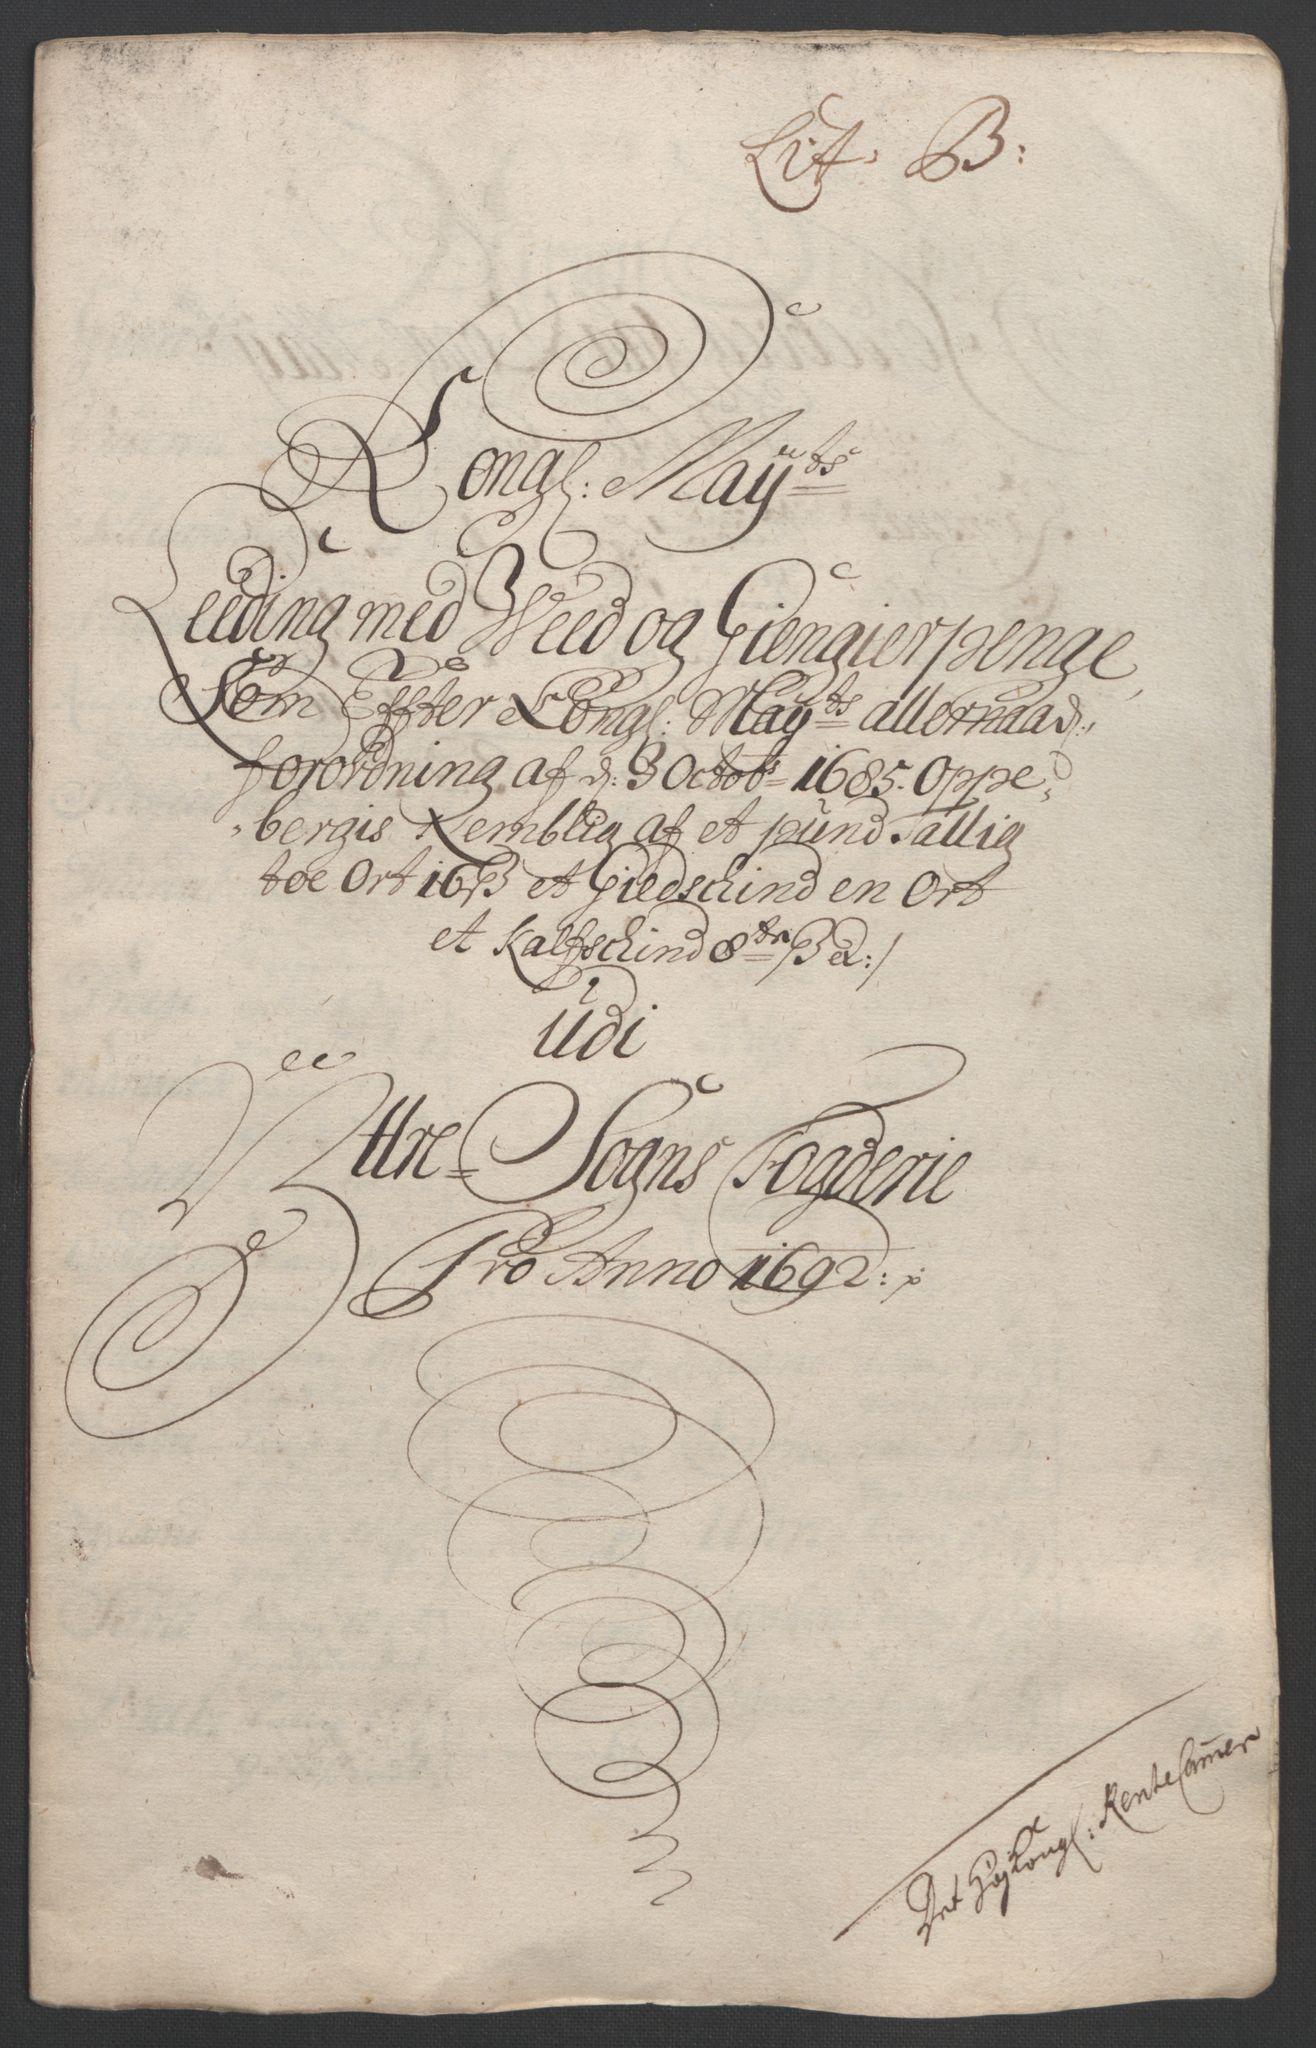 RA, Rentekammeret inntil 1814, Reviderte regnskaper, Fogderegnskap, R52/L3306: Fogderegnskap Sogn, 1691-1692, s. 305